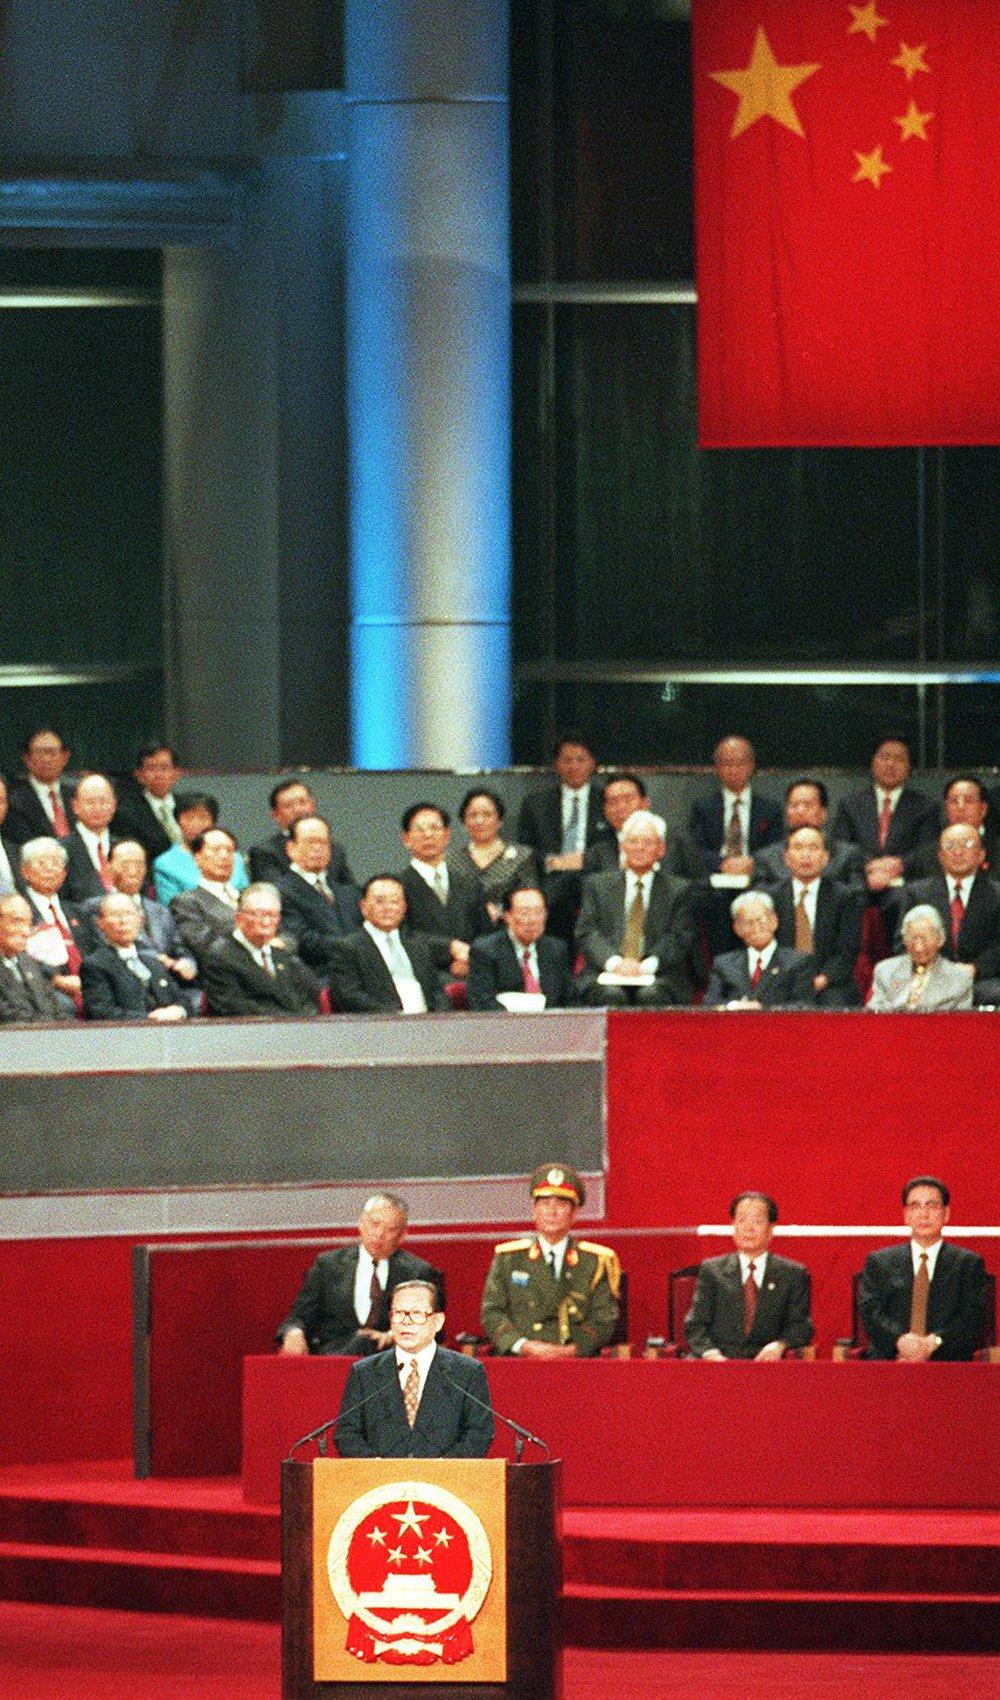 江澤民以中國領導人身份在中英政權交接儀式上致詞。